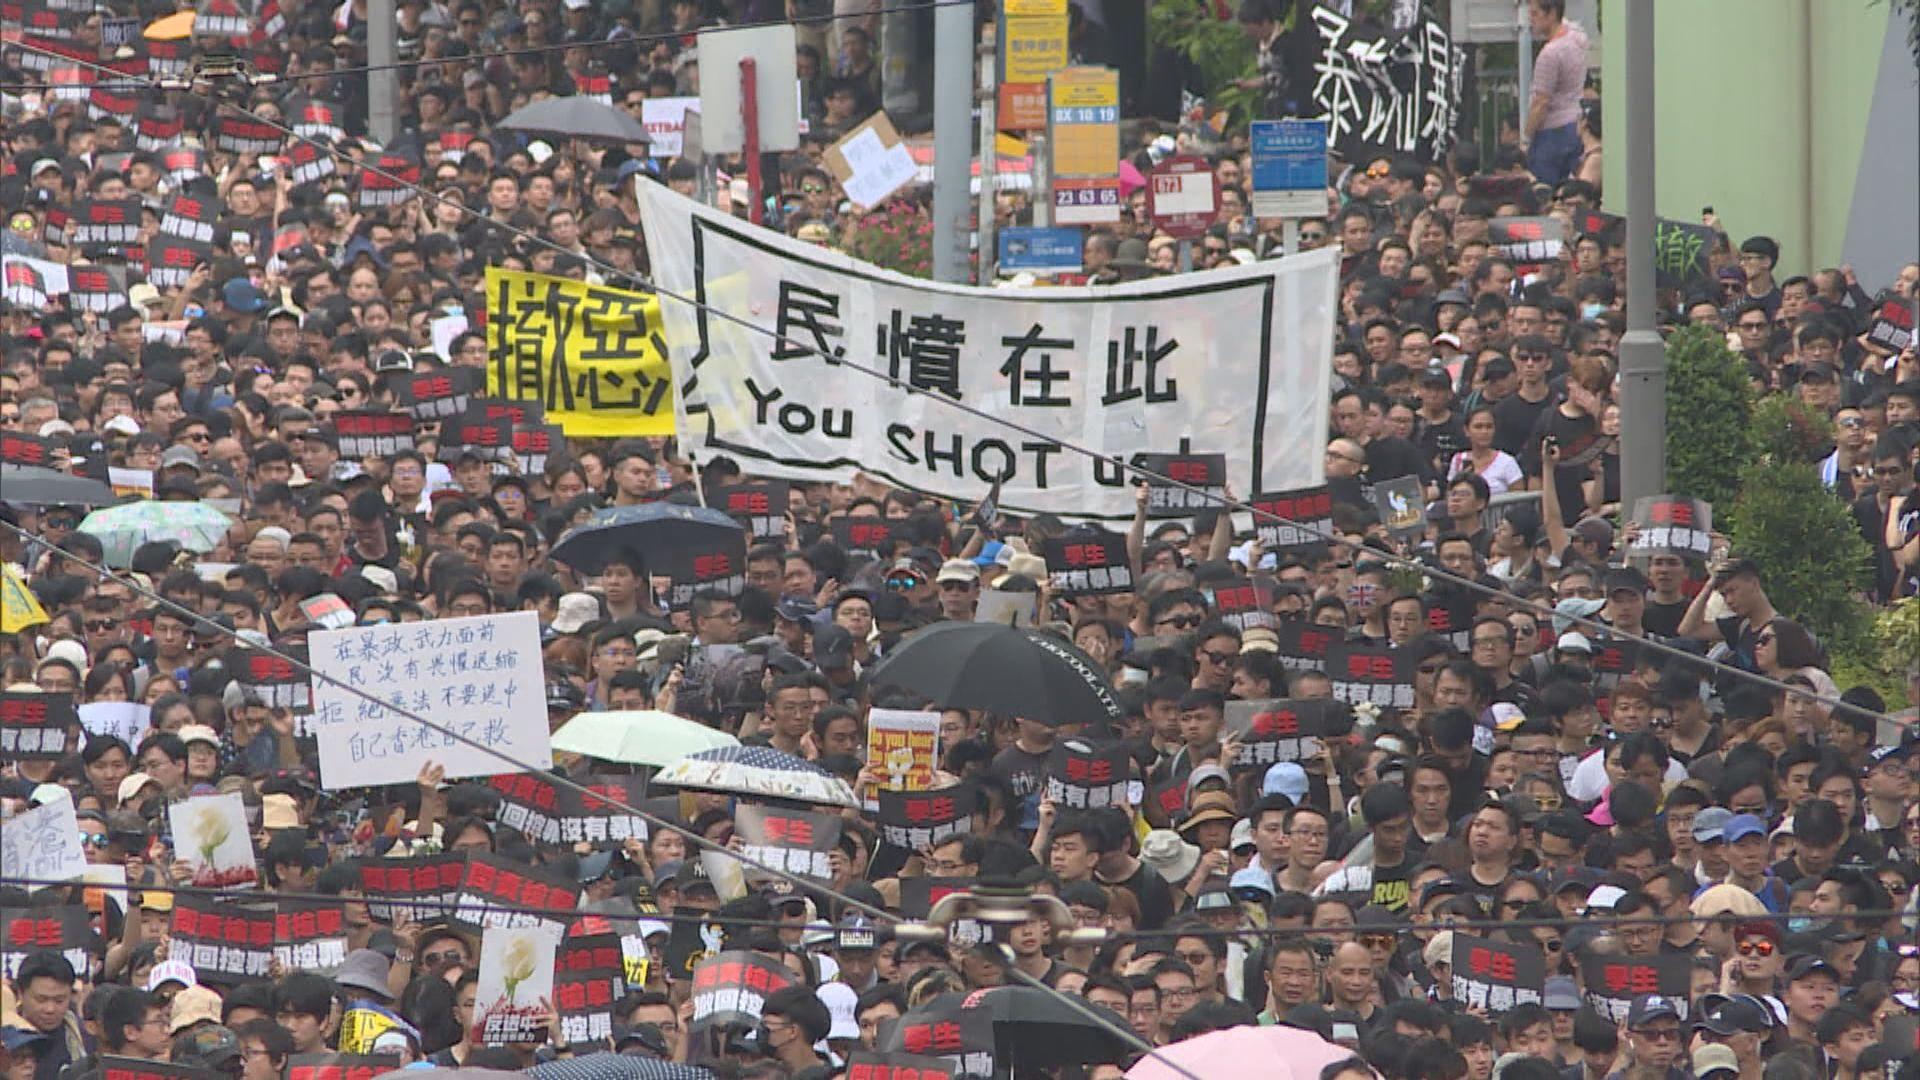 民陣下午國際人權日遊行 警方籲和平表達意見